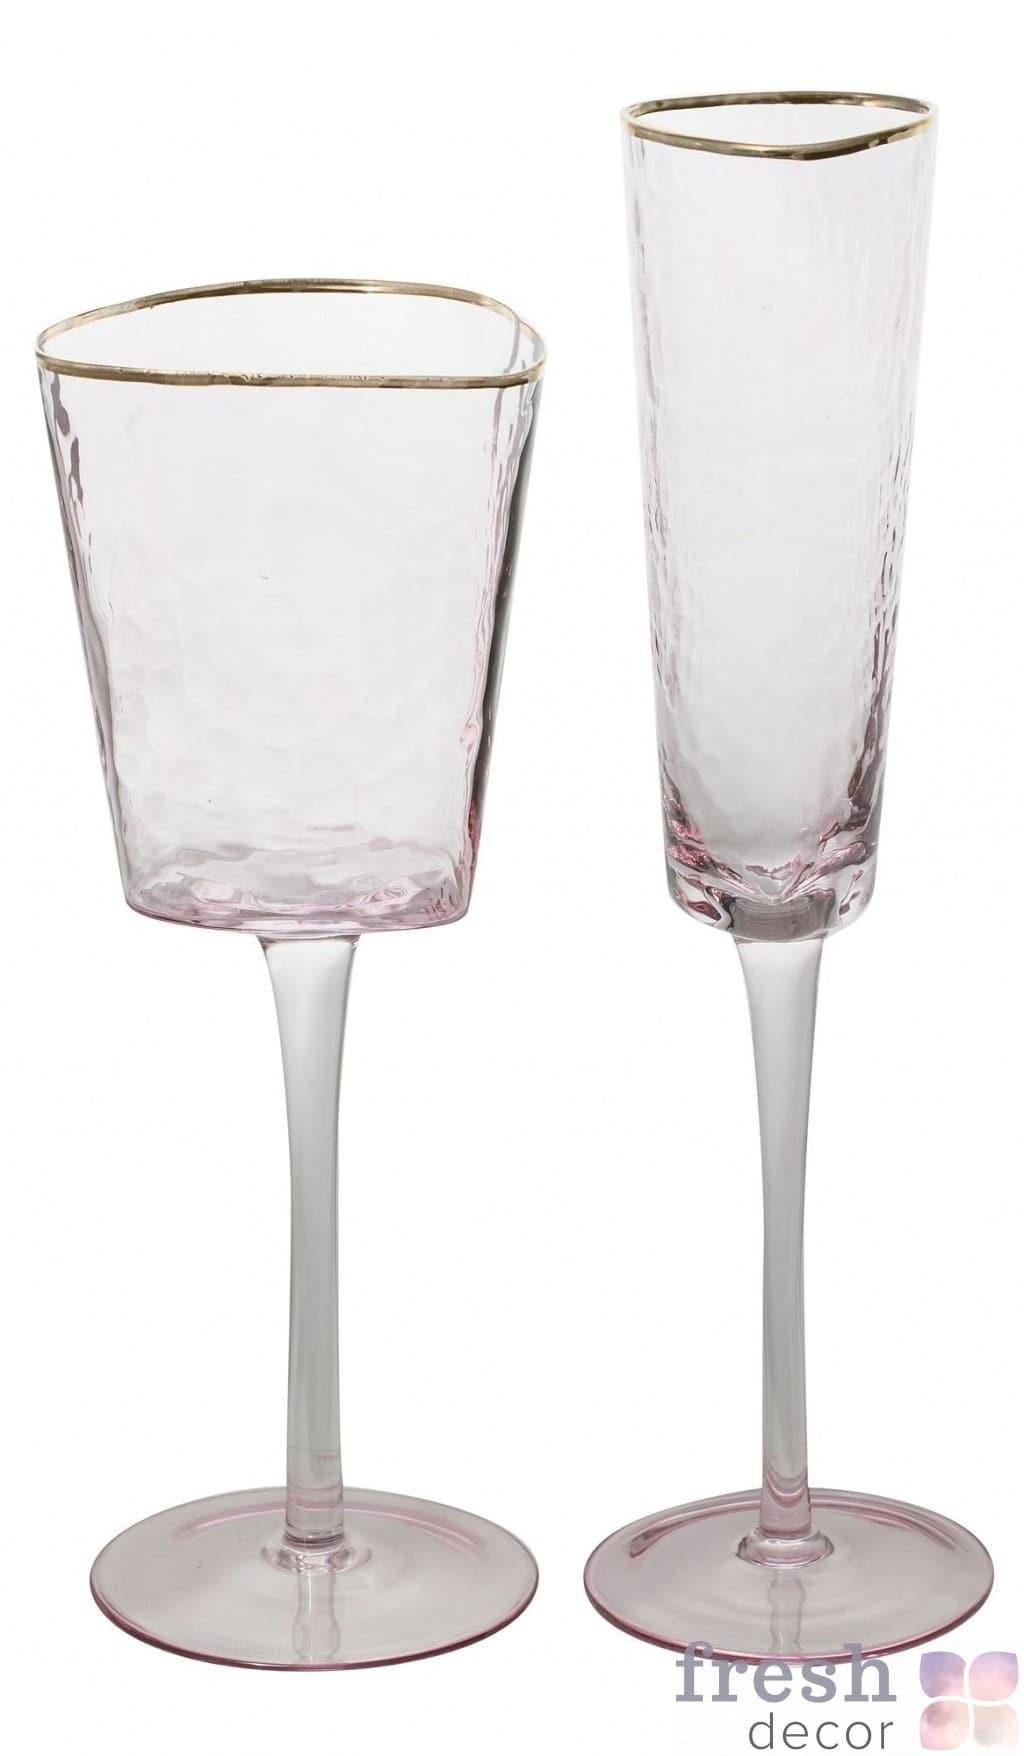 бокалы Эванс розовые с морозного стекла с золотым ободком